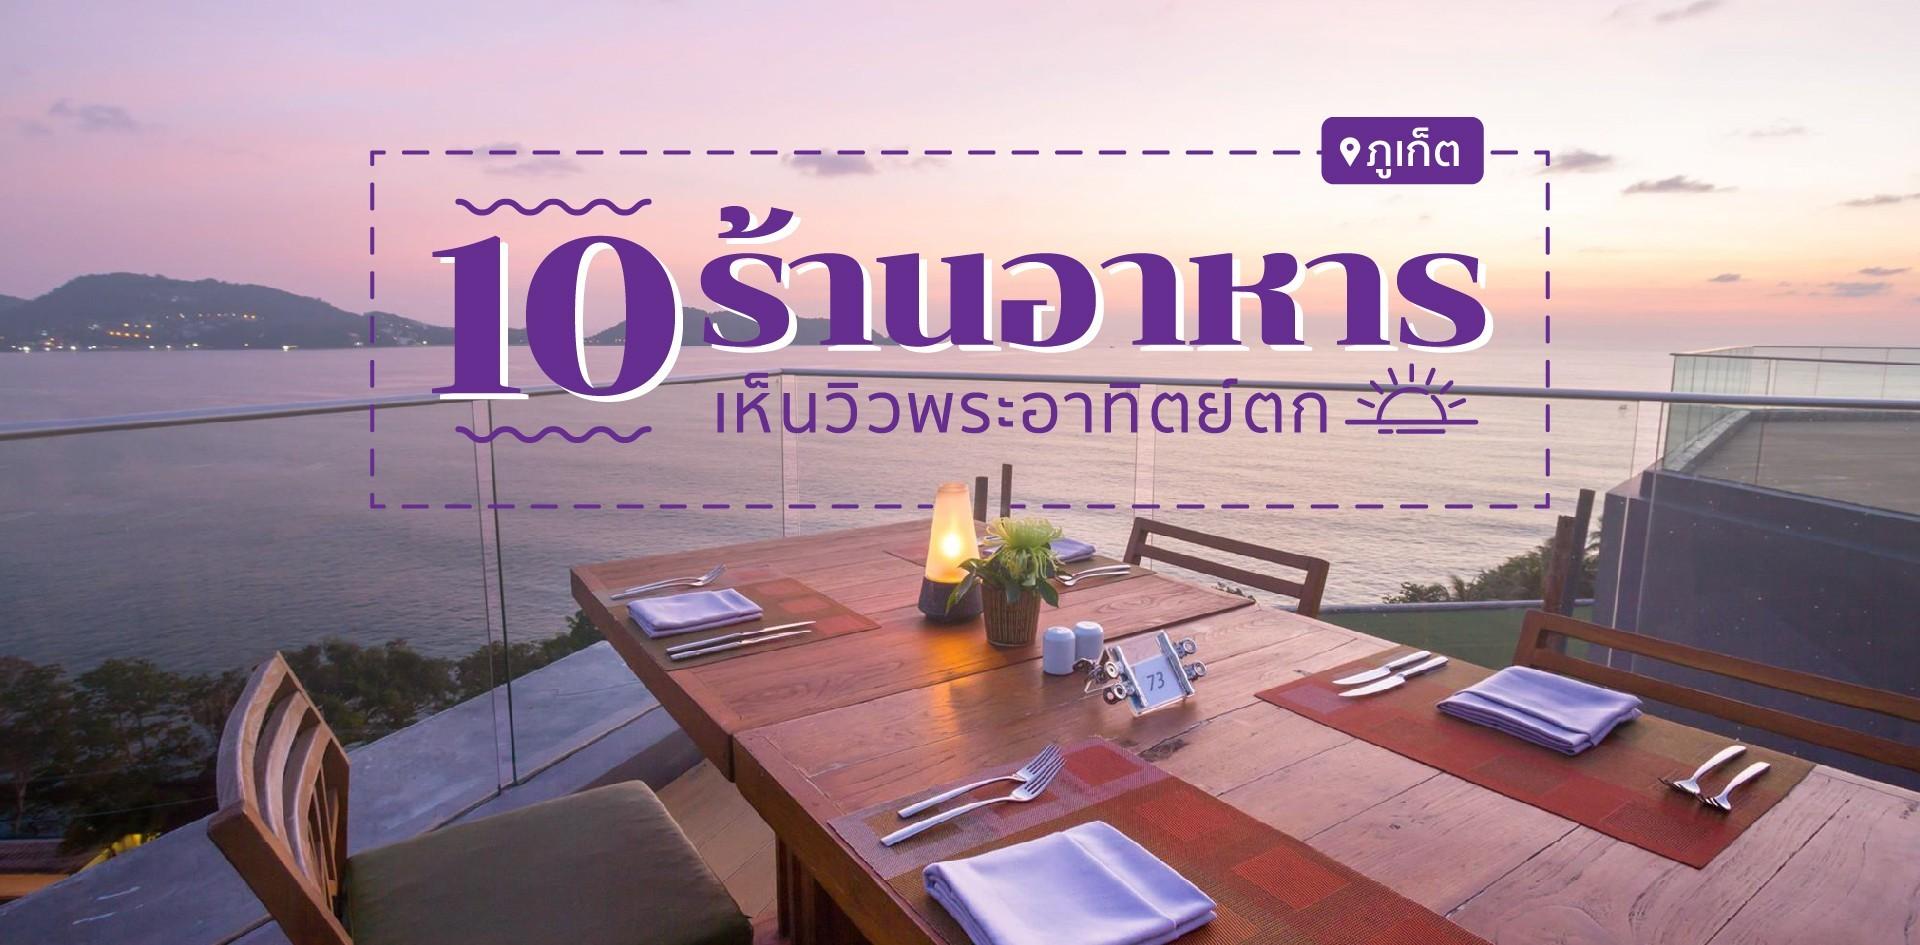 10 ร้านอาหารในภูเก็ต วิวงามชมพระอาทิตย์ตกสุดเพอร์เฟคต์!